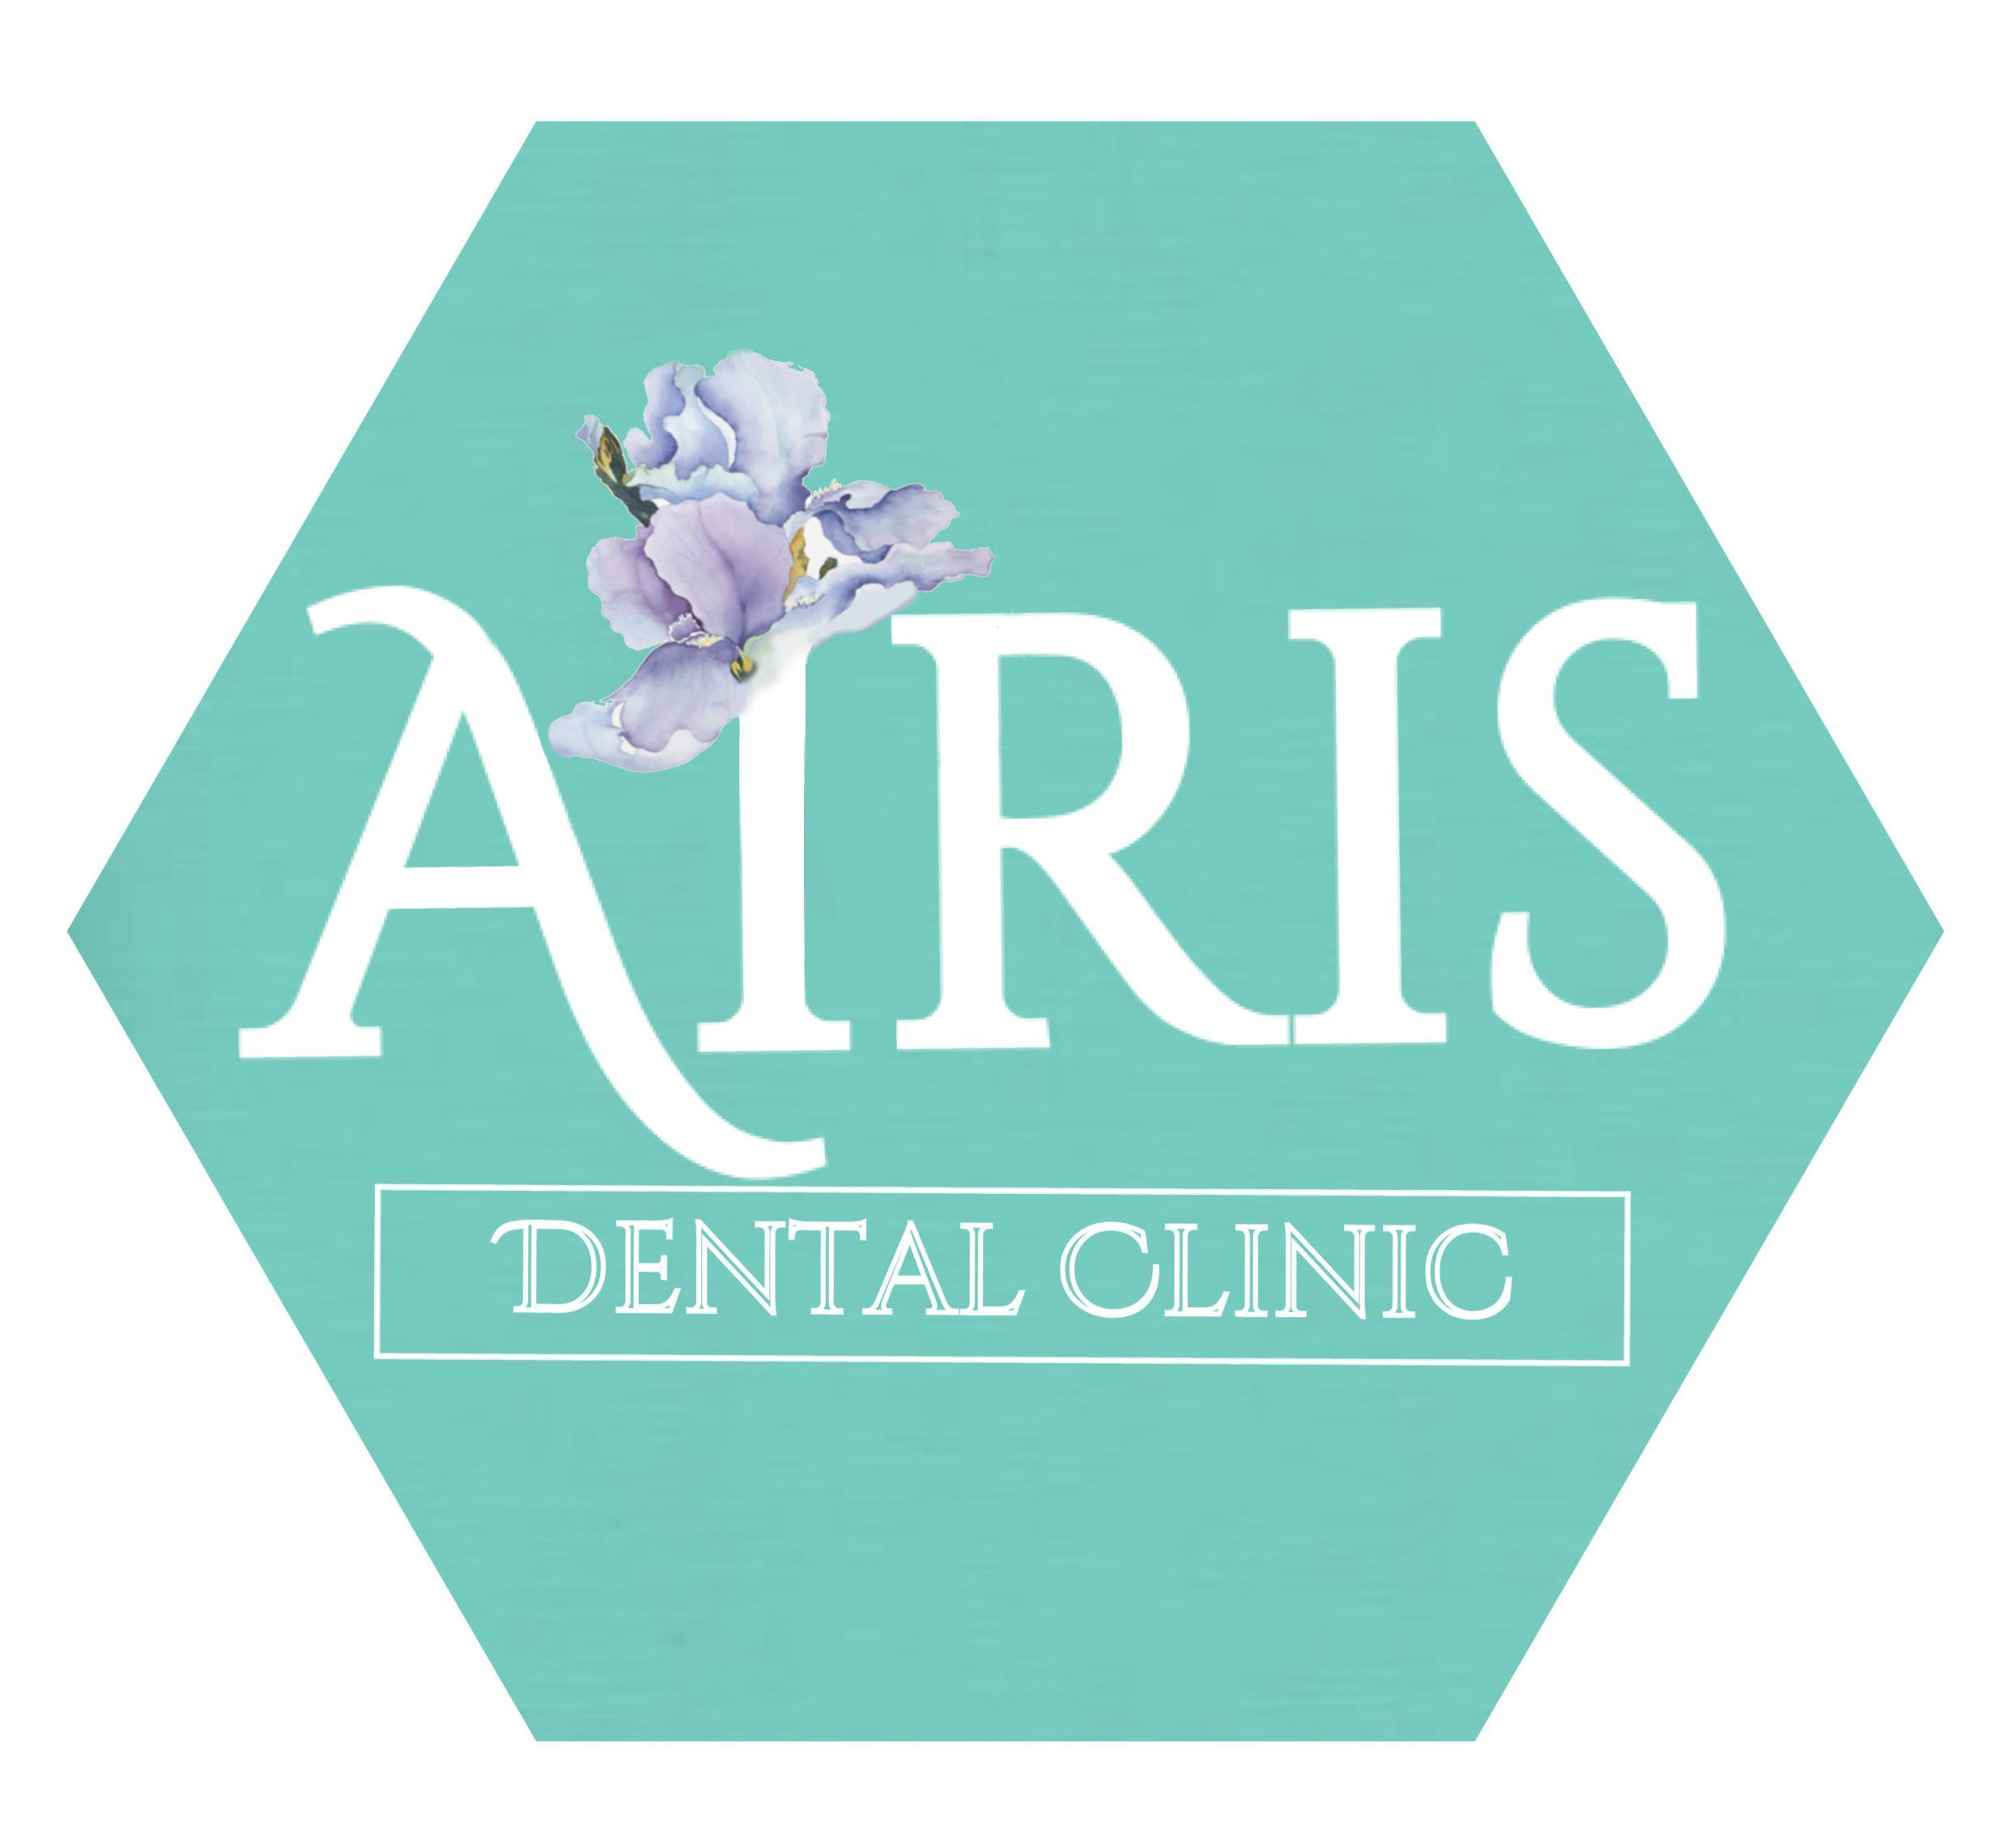 Airis Dental Clinic